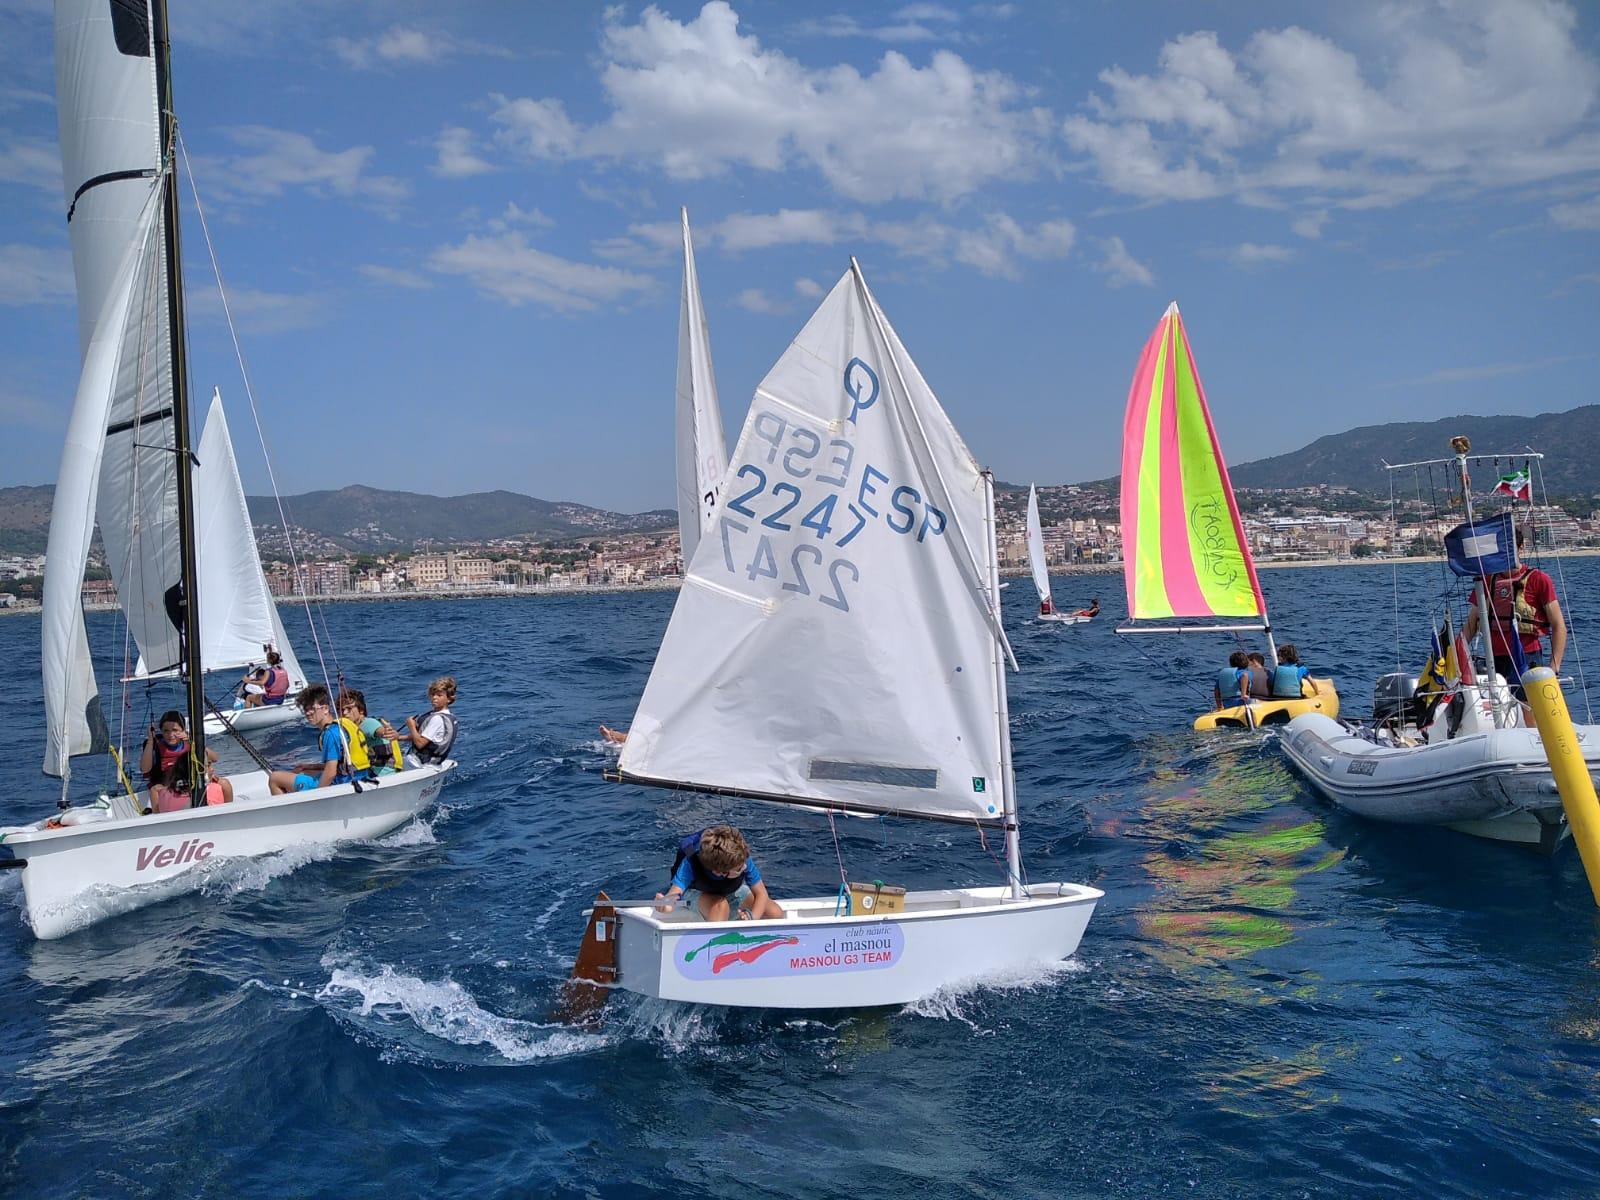 Club, nàutic, el masnou, escola, vela, esport, relax, salut, social, CNEM, tot l'any, navega, regata, diversió, Maresme, Costa, Barcelona, platja, mar, campus infantil, campus de vela, nens